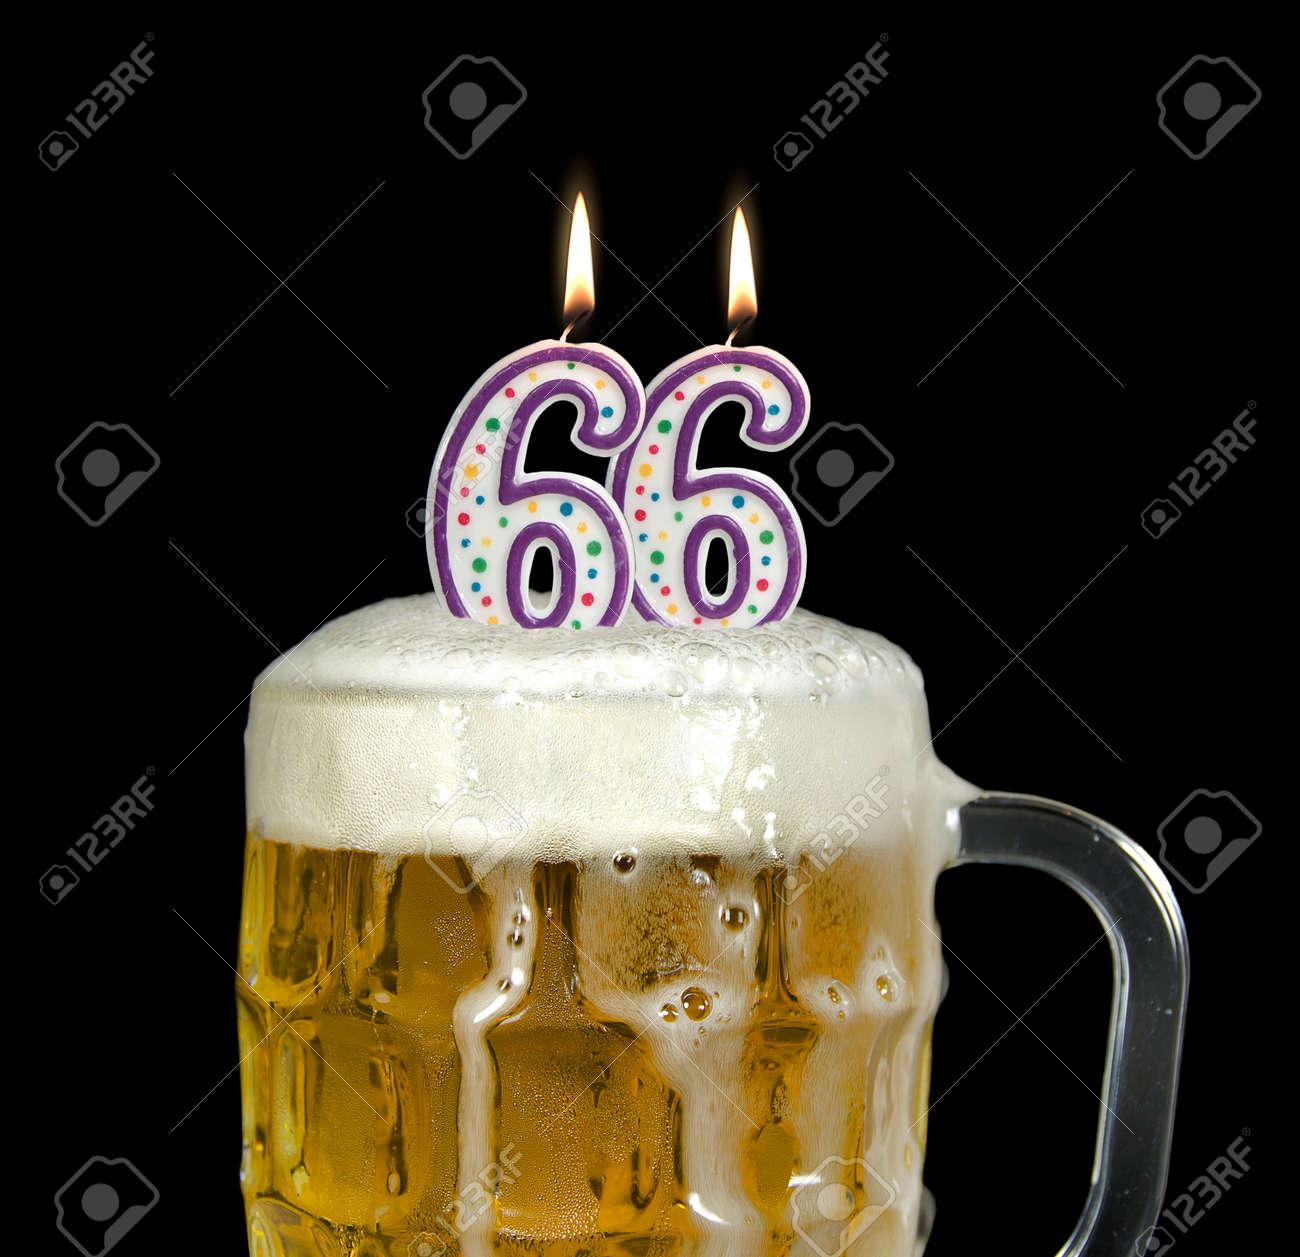 Kerzen In Bier Fur 66 Geburtstag Lizenzfreie Fotos Bilder Und